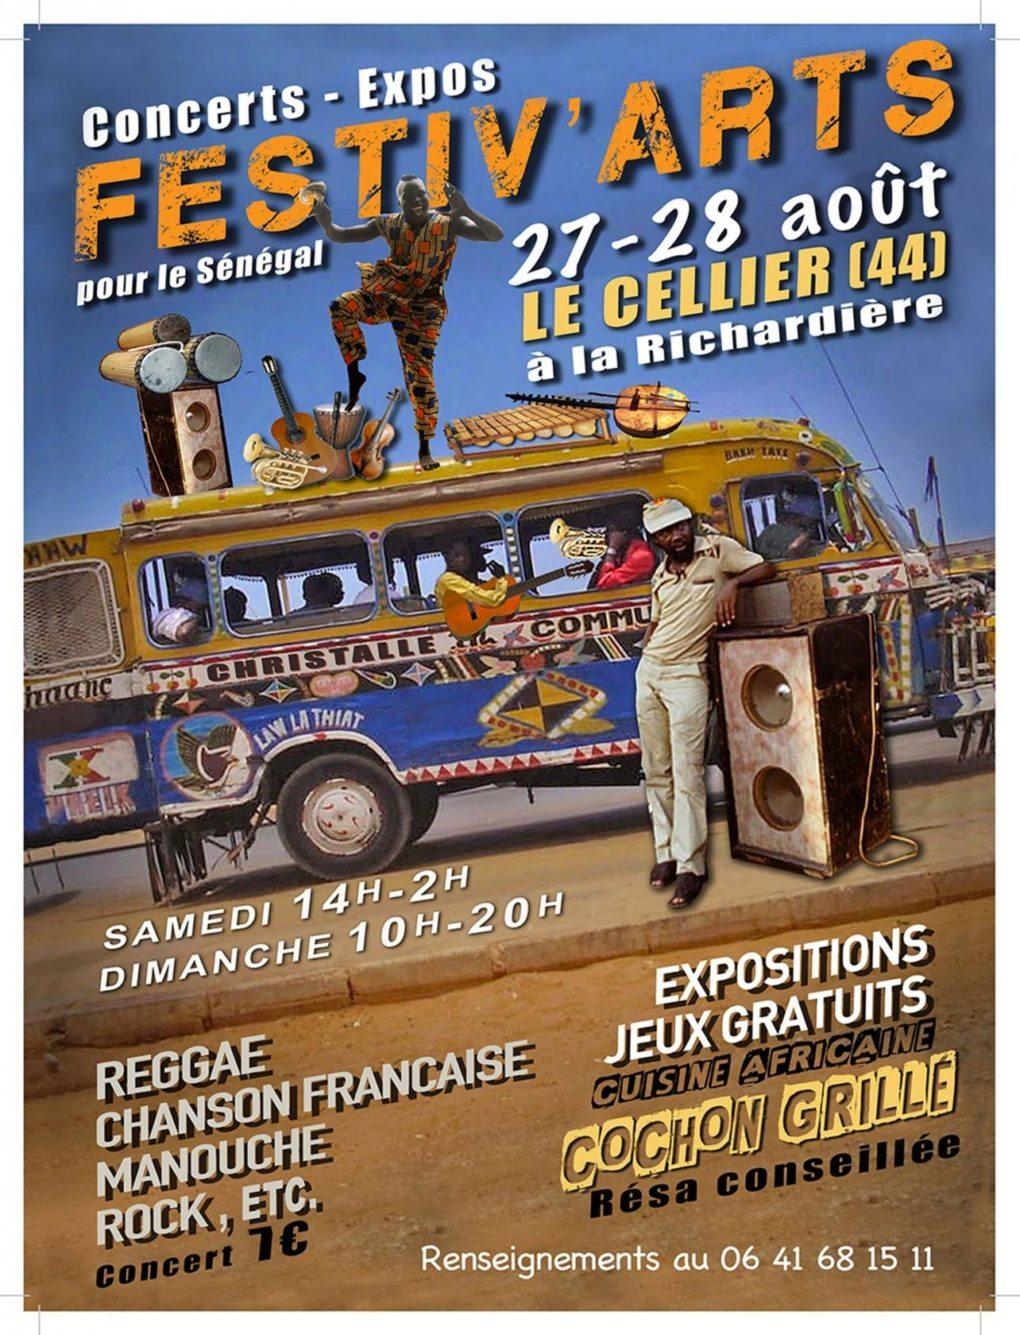 Festiv'arts festival de musique reaggea, rock, musique du monde Le Cellier